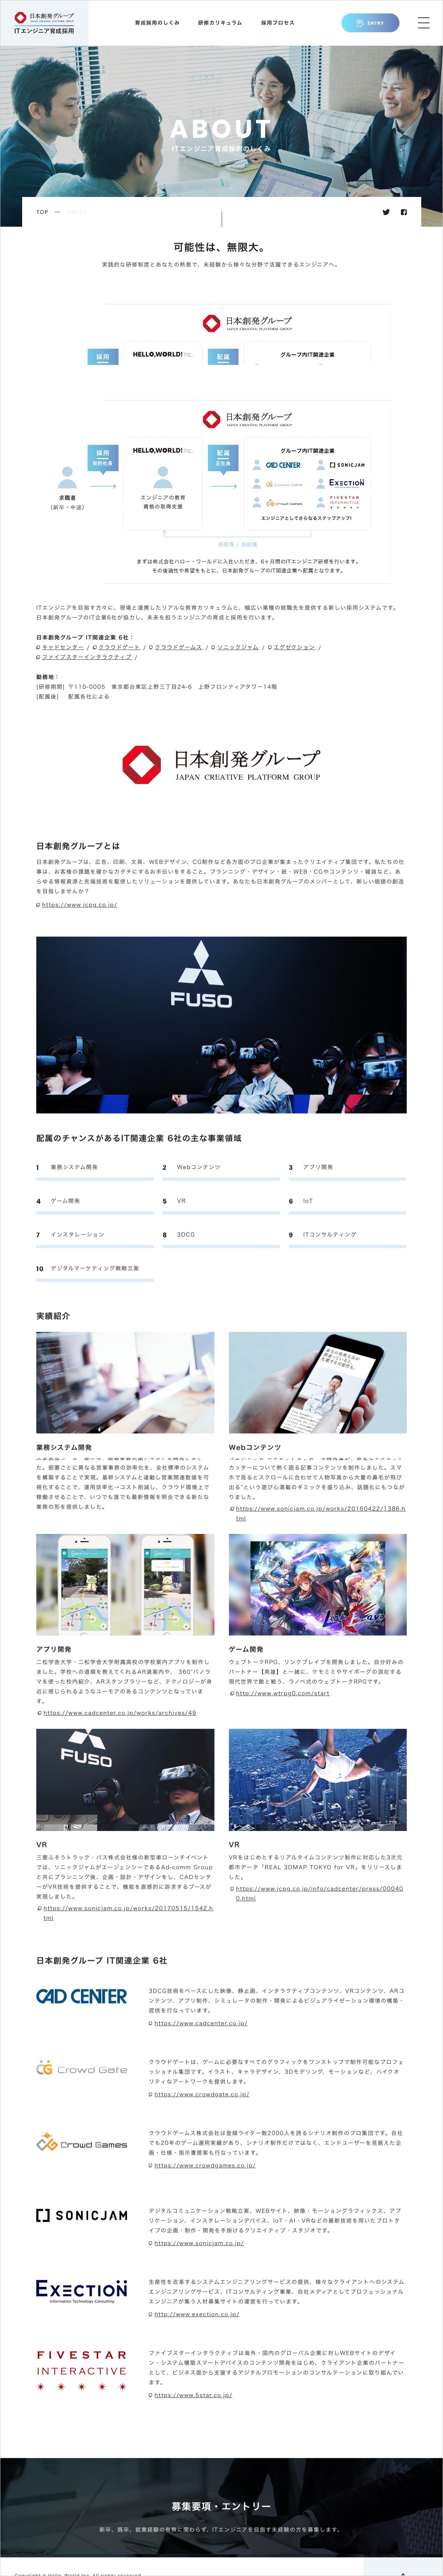 育成採用のしくみ|ITエンジニア育成採用|日本創発グループ:株式会社ハロー・ワールド